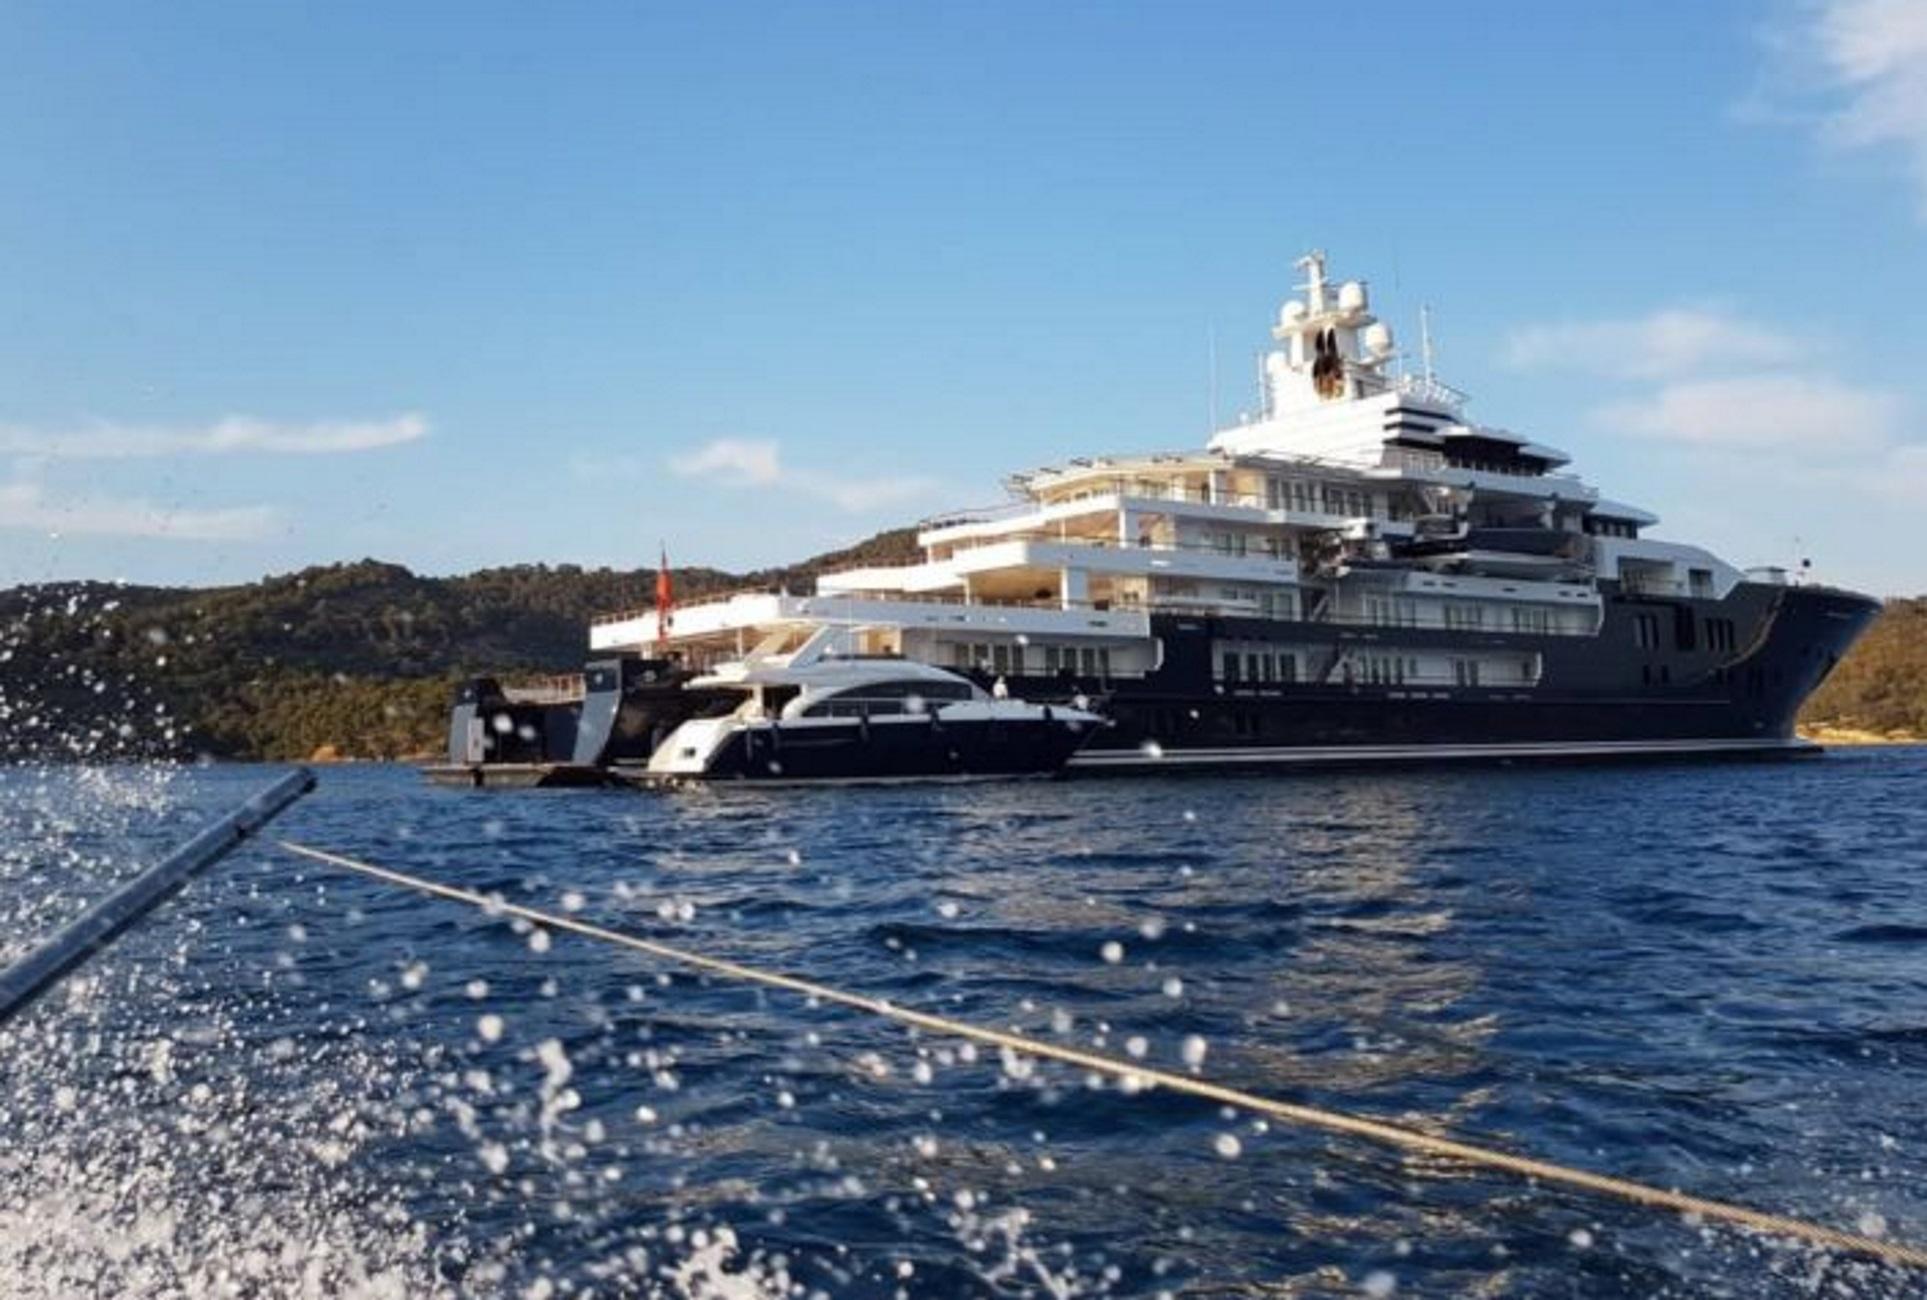 Πόρος: Έδεσε η εκπληκτική θαλαμηγός των 210.000.000 ευρώ που μοιάζει με υπερπολυτελές ξενοδοχείο